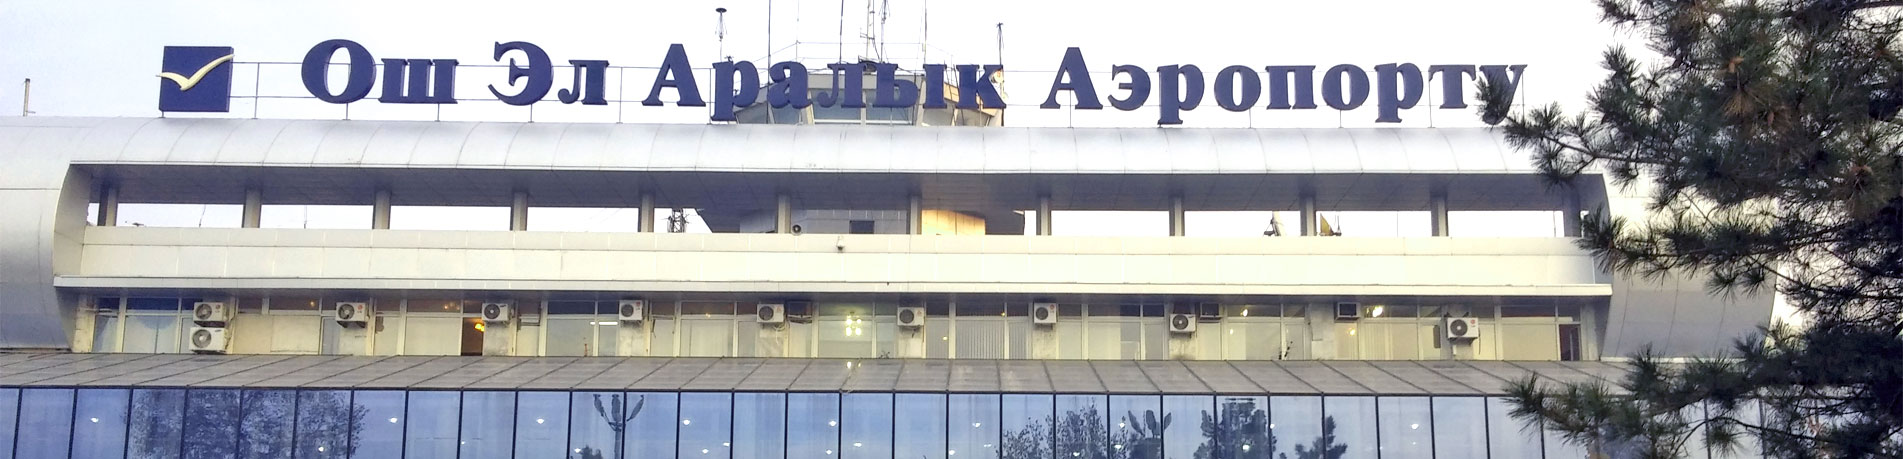 Вылеты из Киргизского Аэропорта Оша